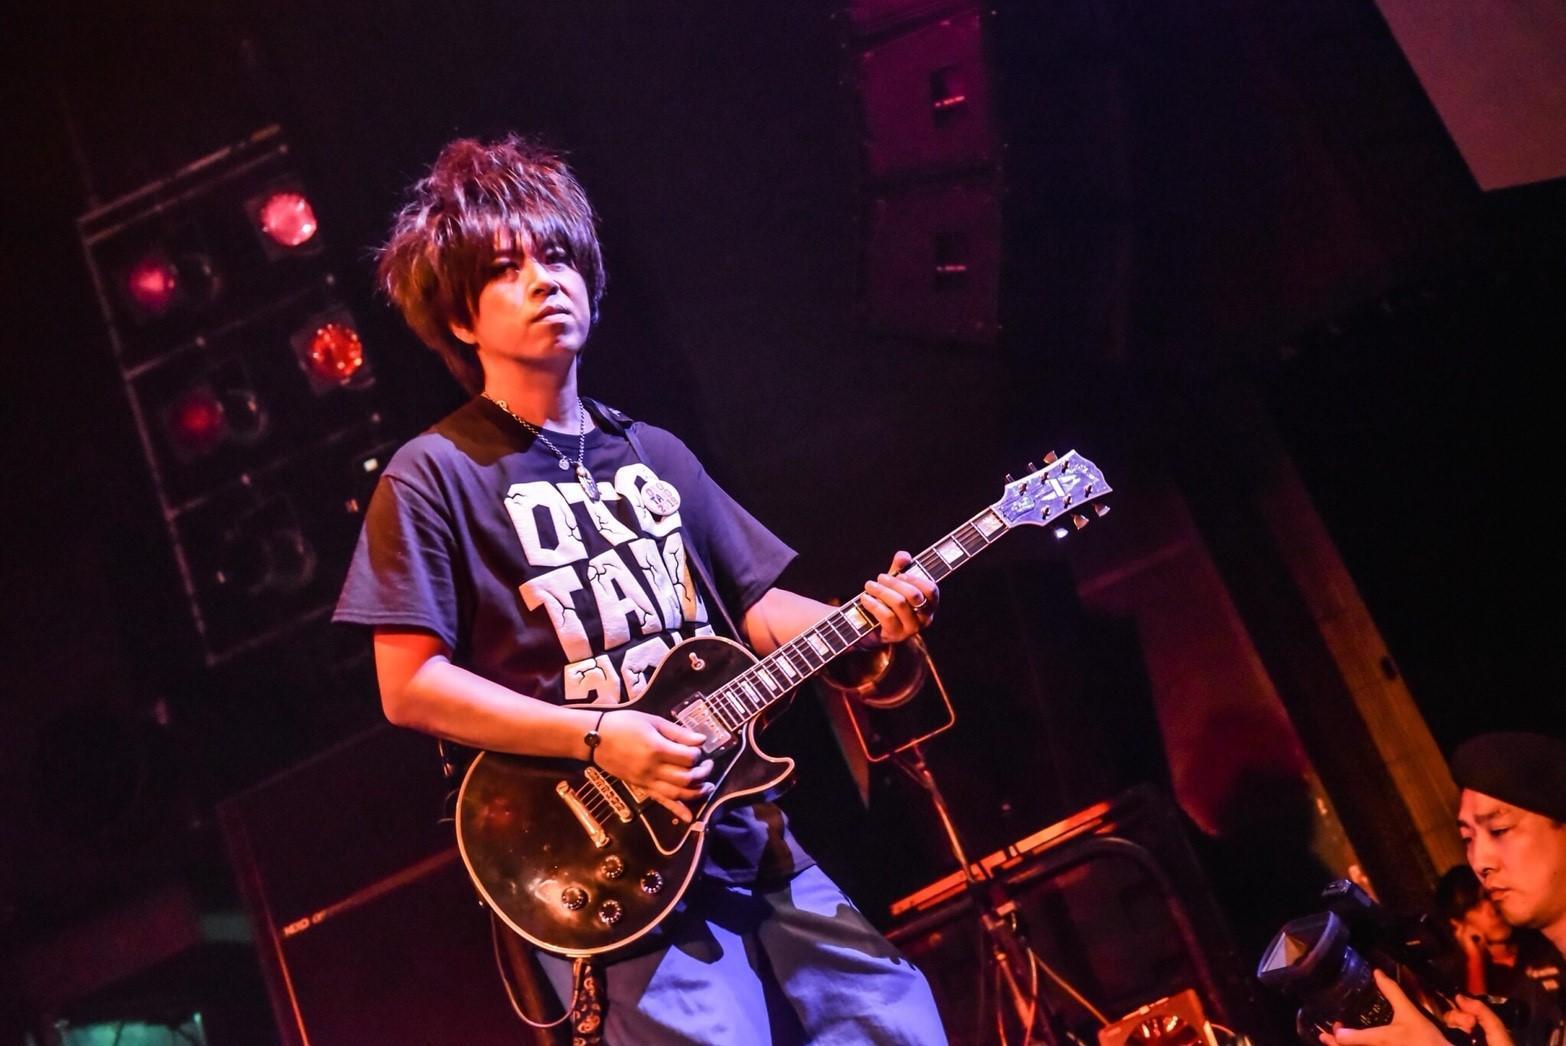 http://news.yoshimoto.co.jp/20180928204043-90ba1a1f06627623a64c52df6dda189d243845e3.jpg